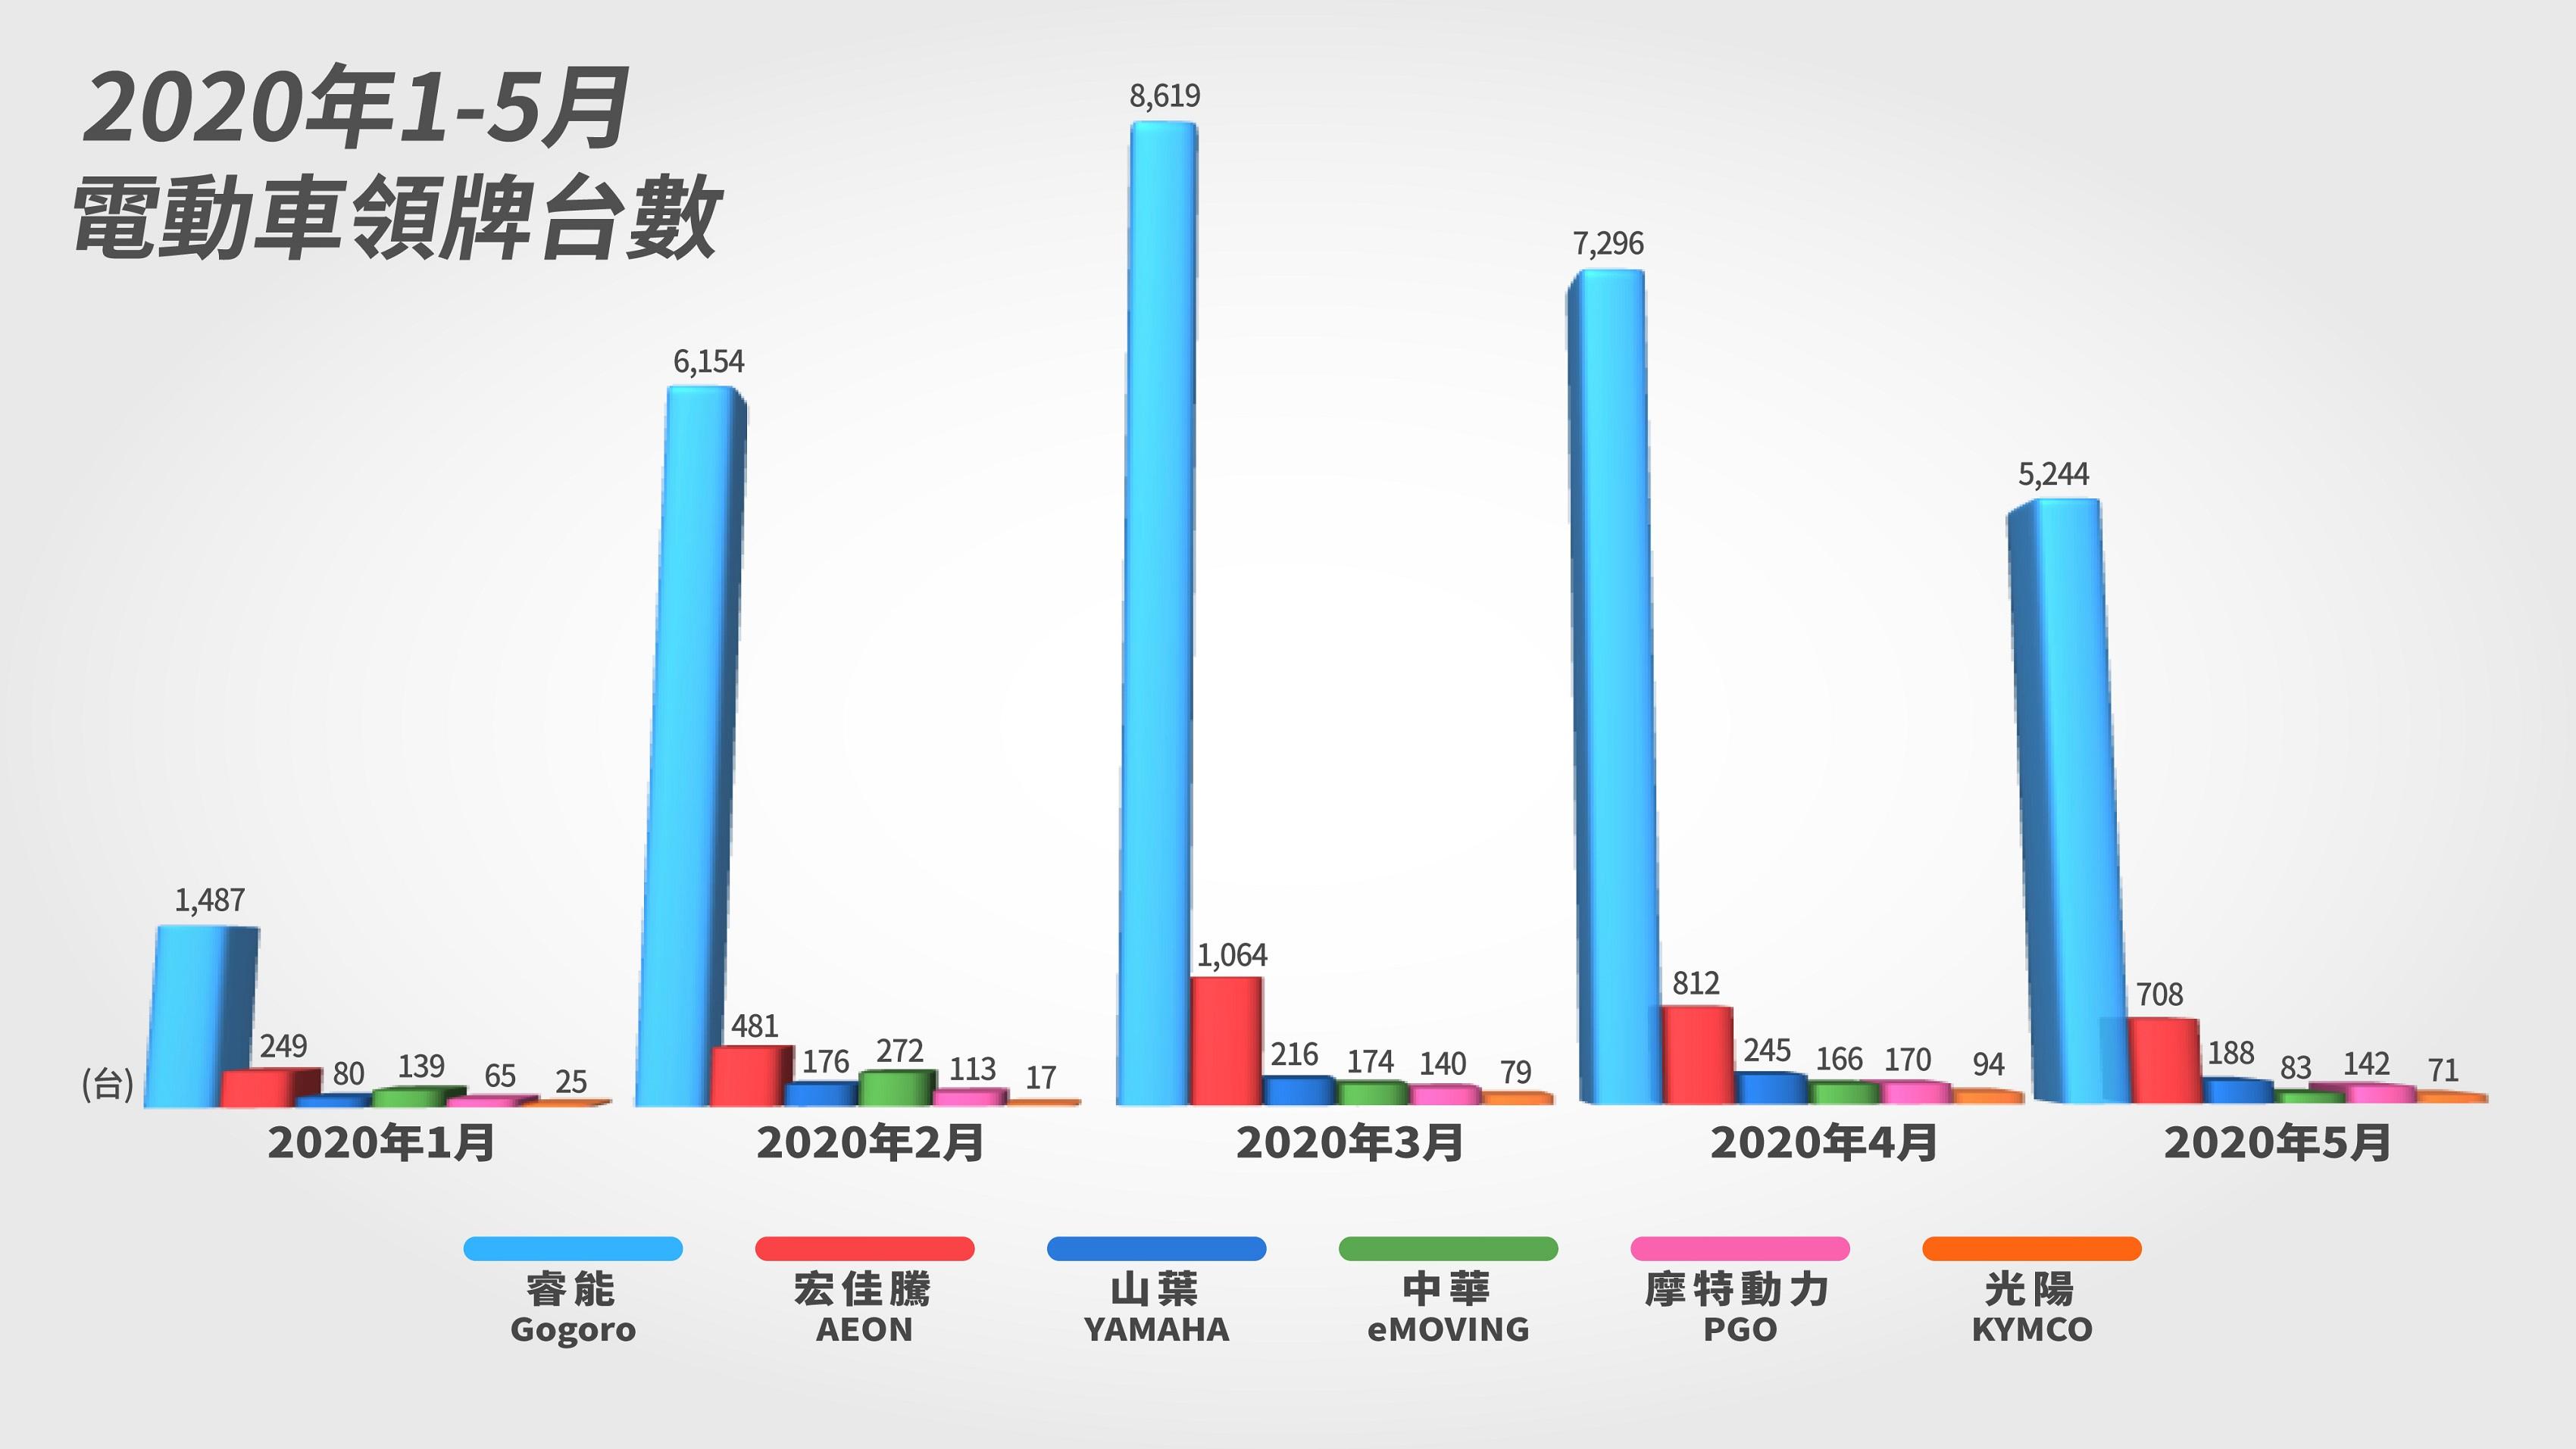 2020 年 1-5 月電動車領牌台數較去年下滑。